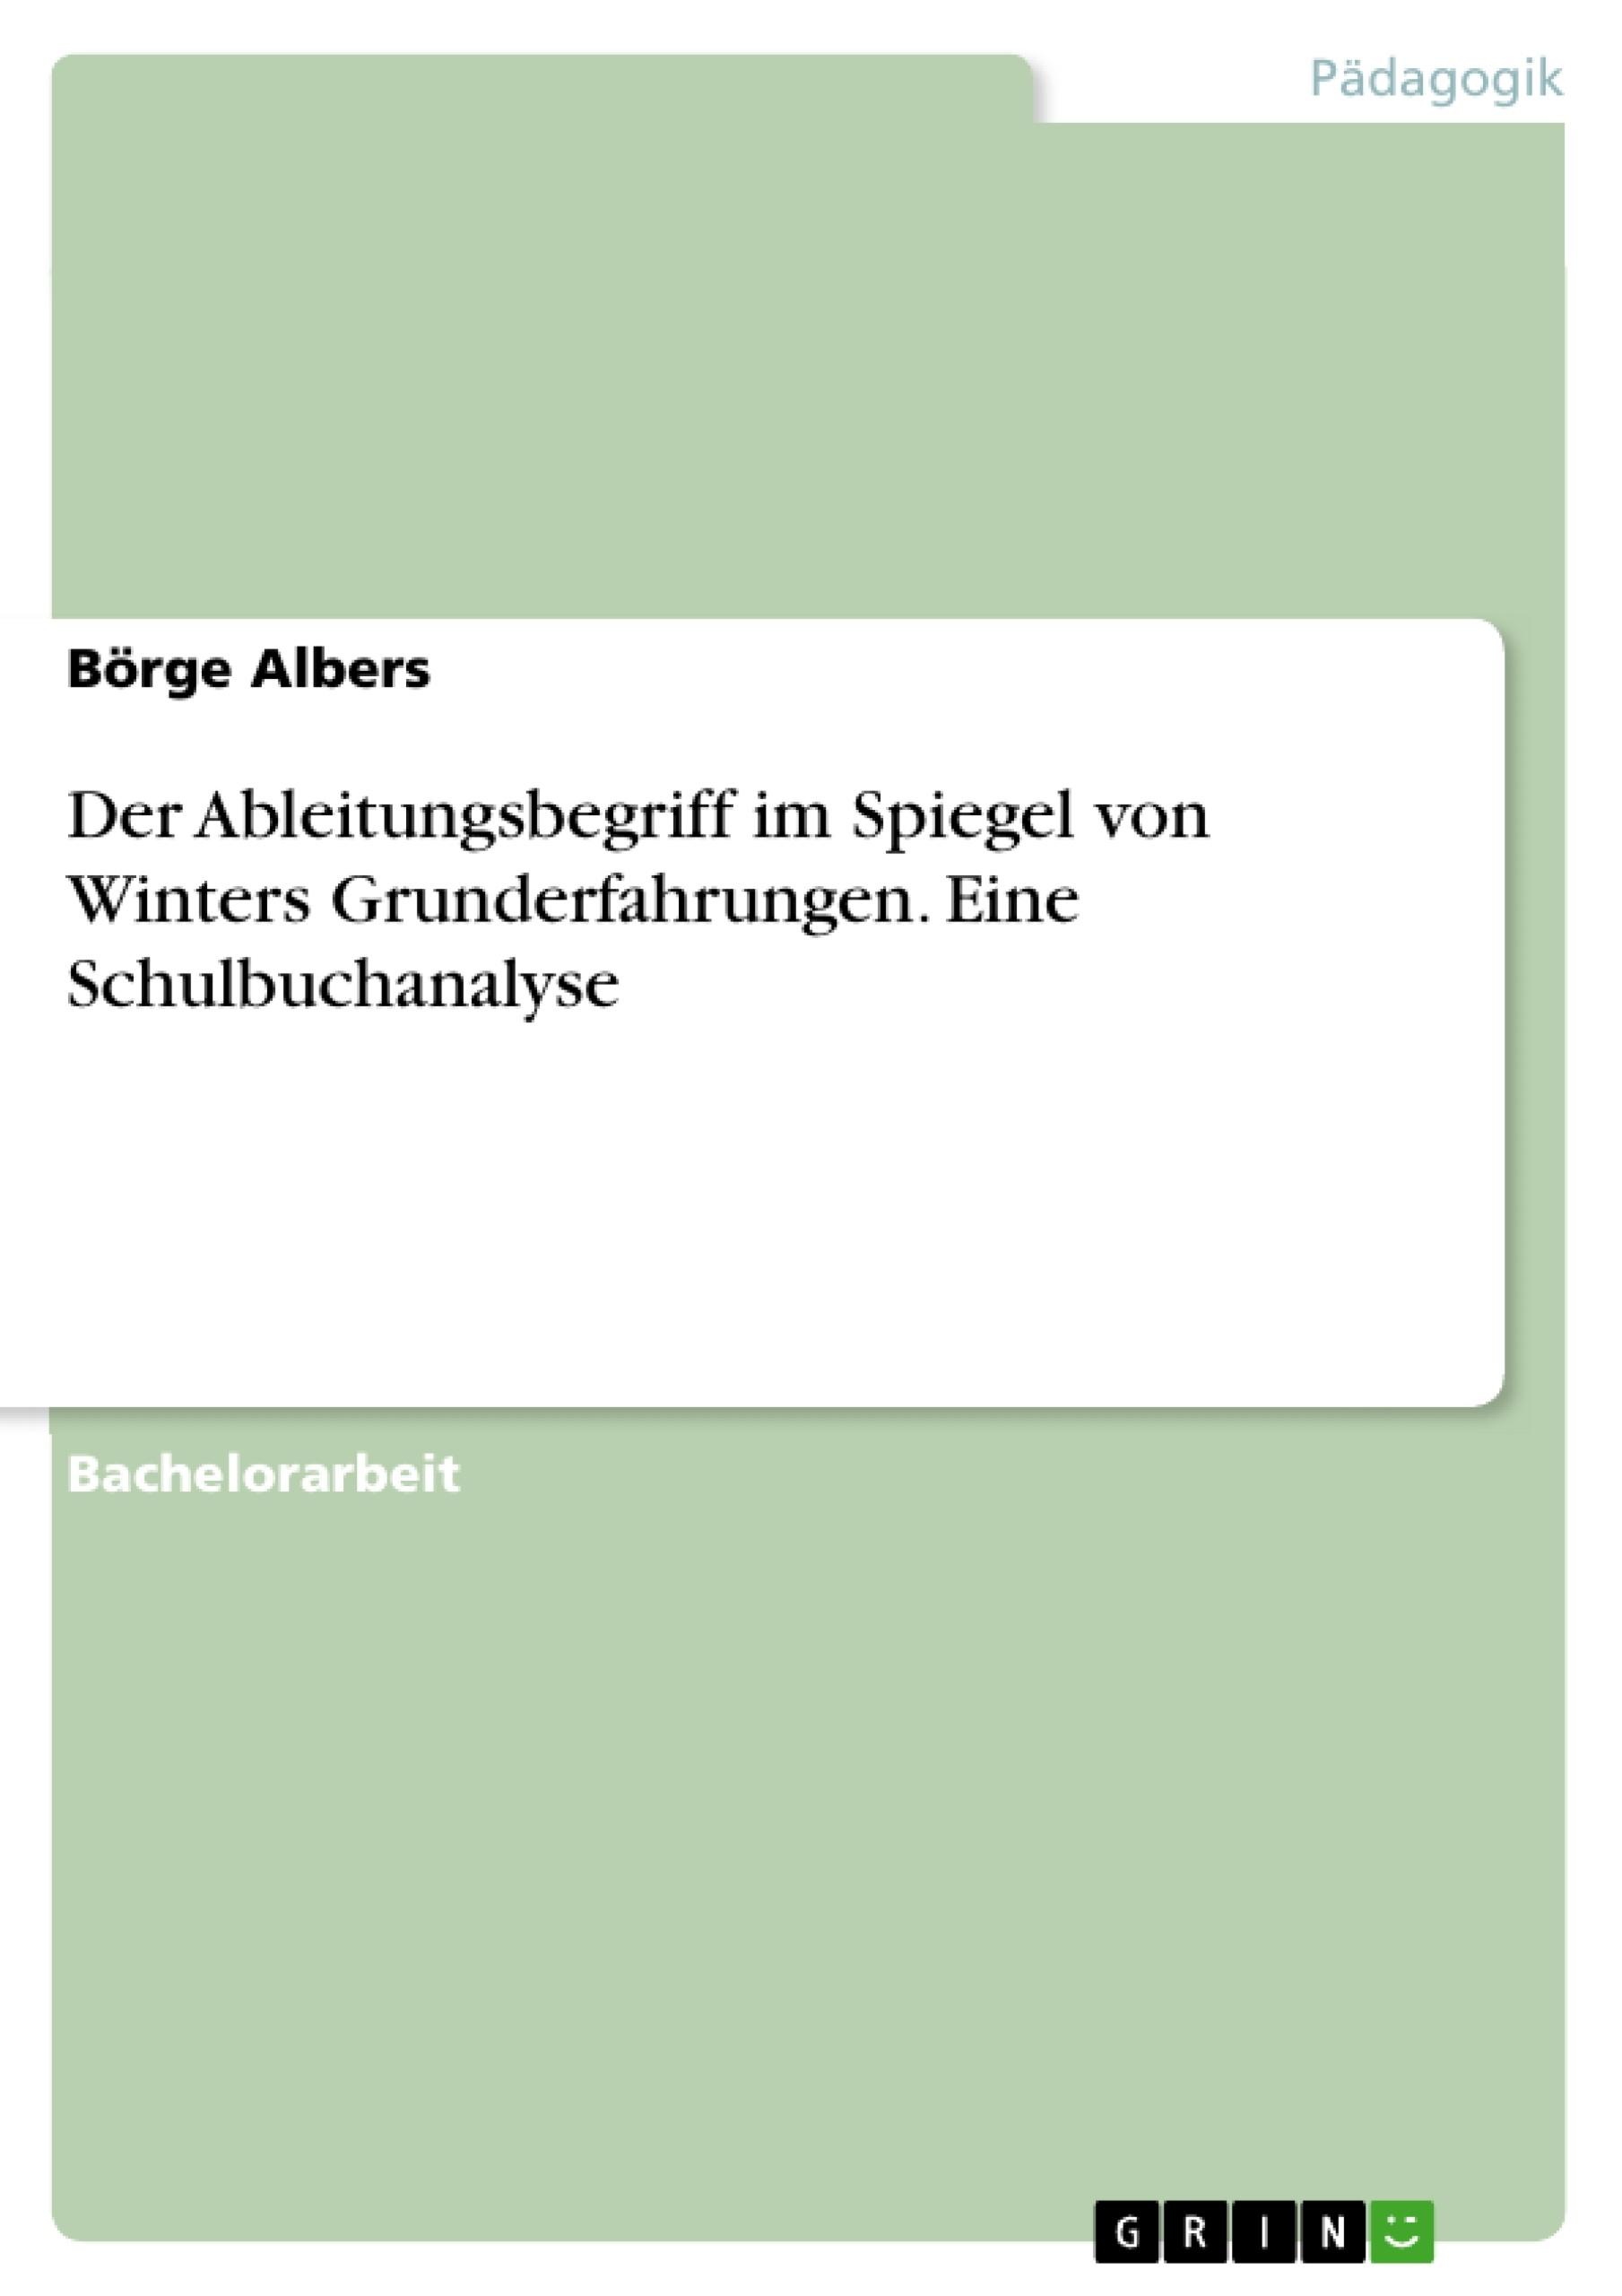 Der Ableitungsbegriff im Spiegel von Winters Grunderfahrungen ...